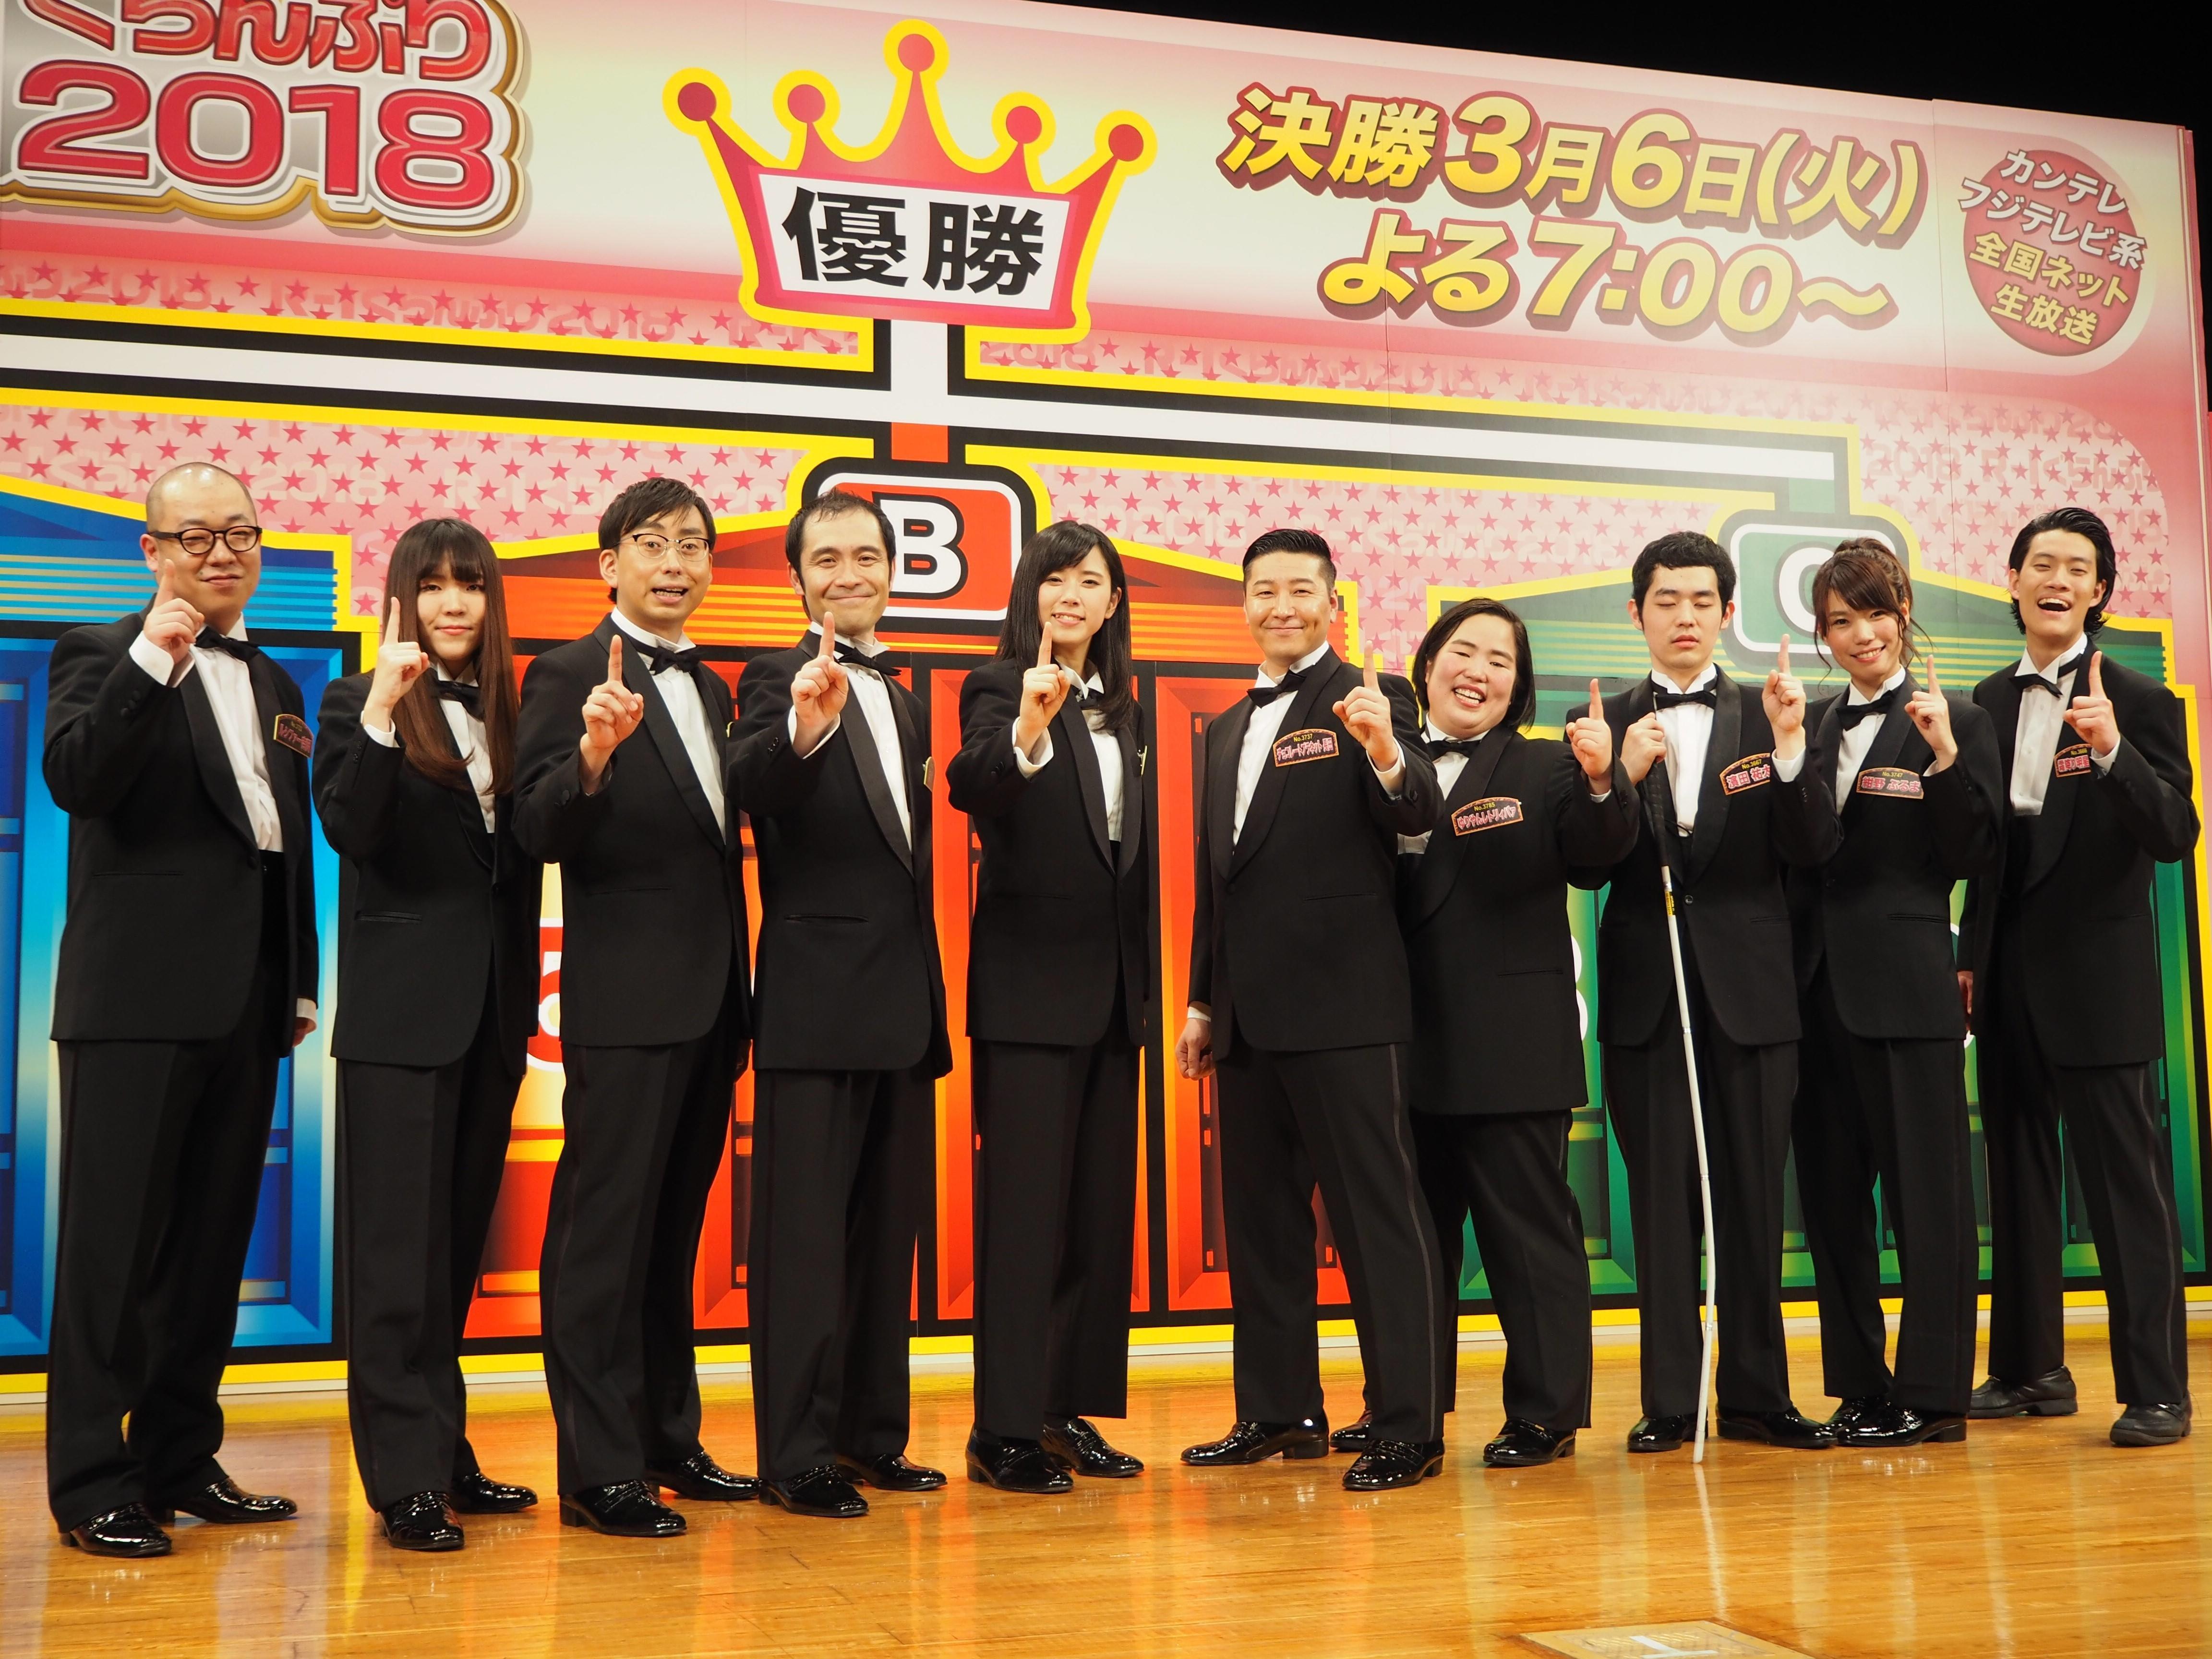 http://news.yoshimoto.co.jp/20180212232331-e0de323c10018e157038643def9ed02b5a0d62d7.jpg